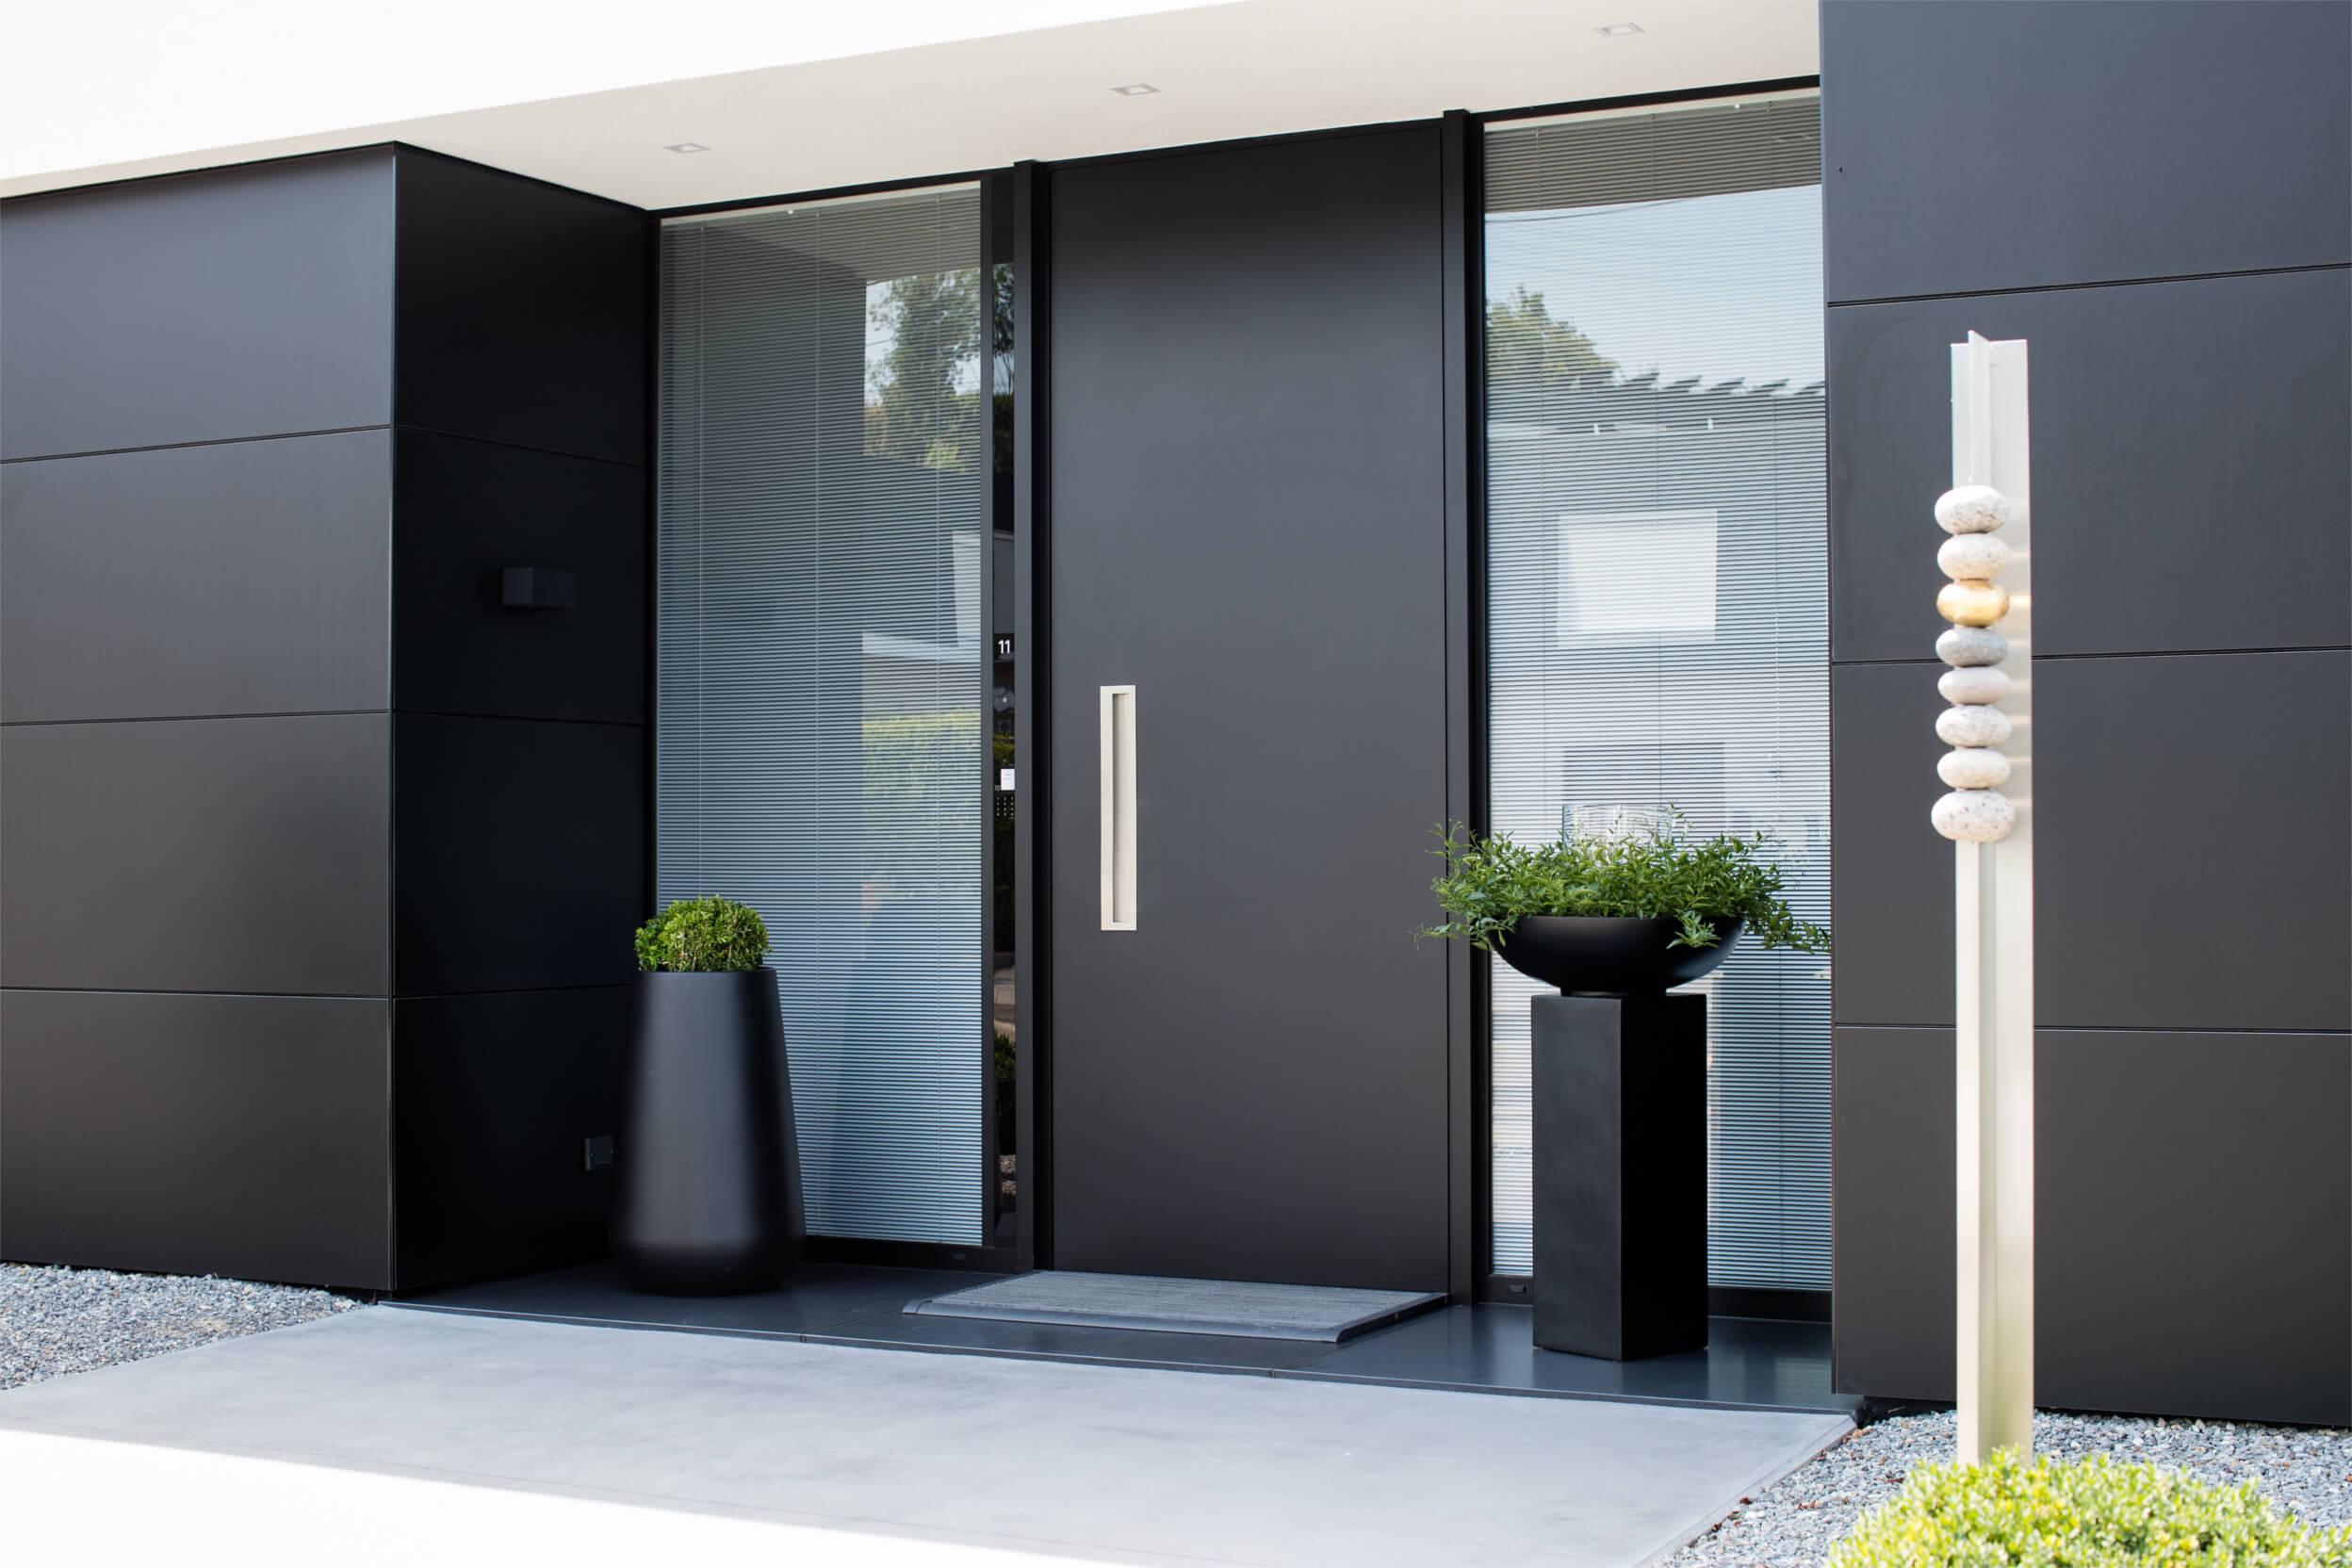 Porte d'entrée avec système de controle d'accès